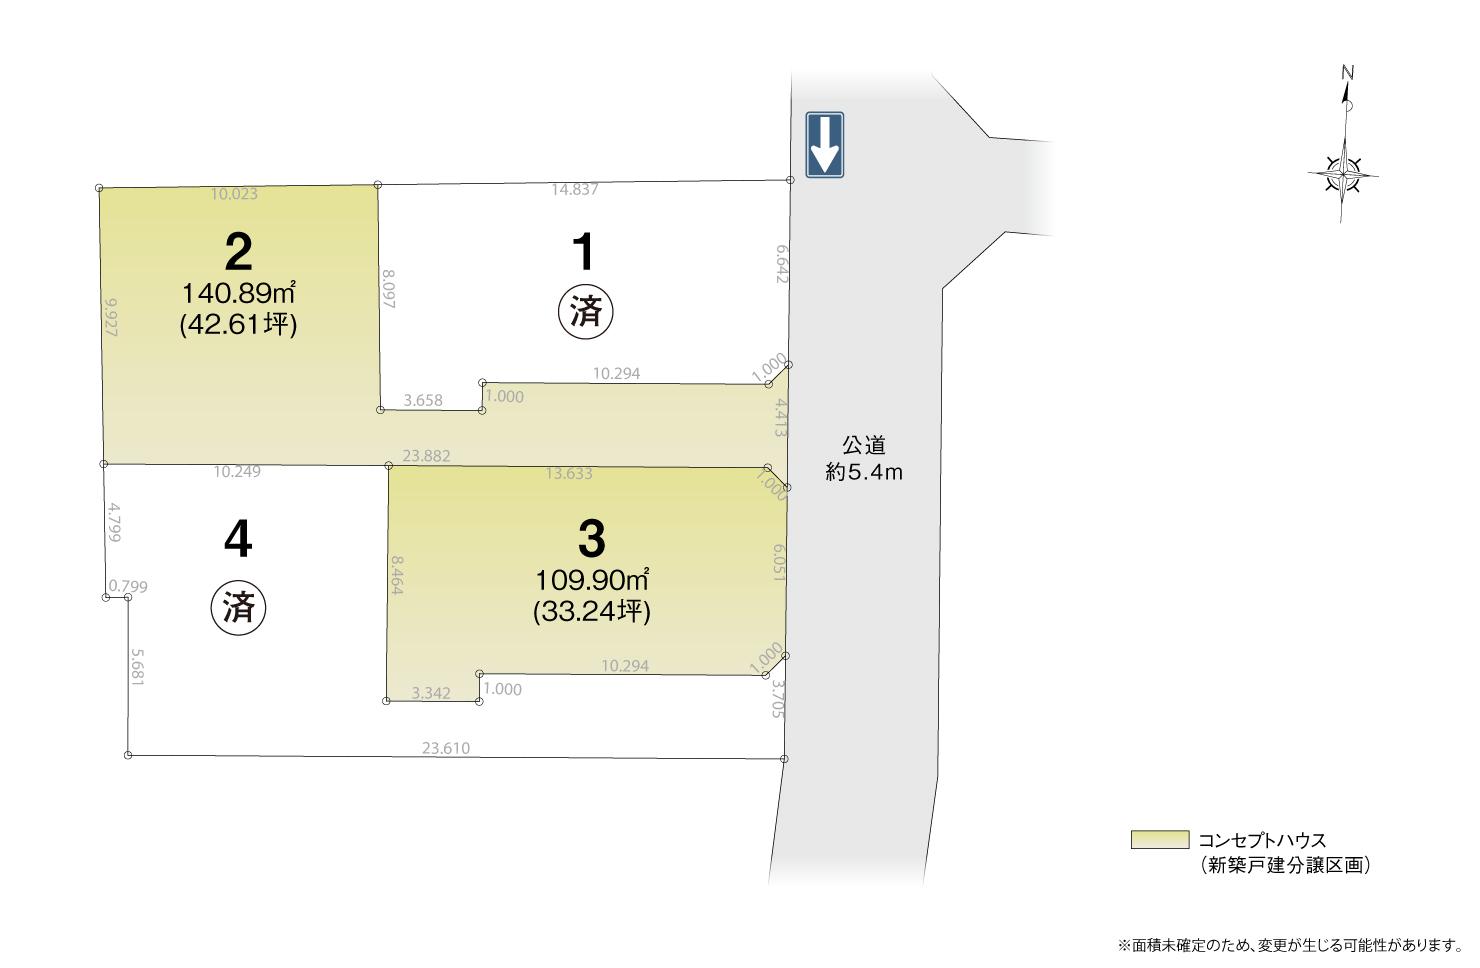 4_区画図_中村区日比津町2